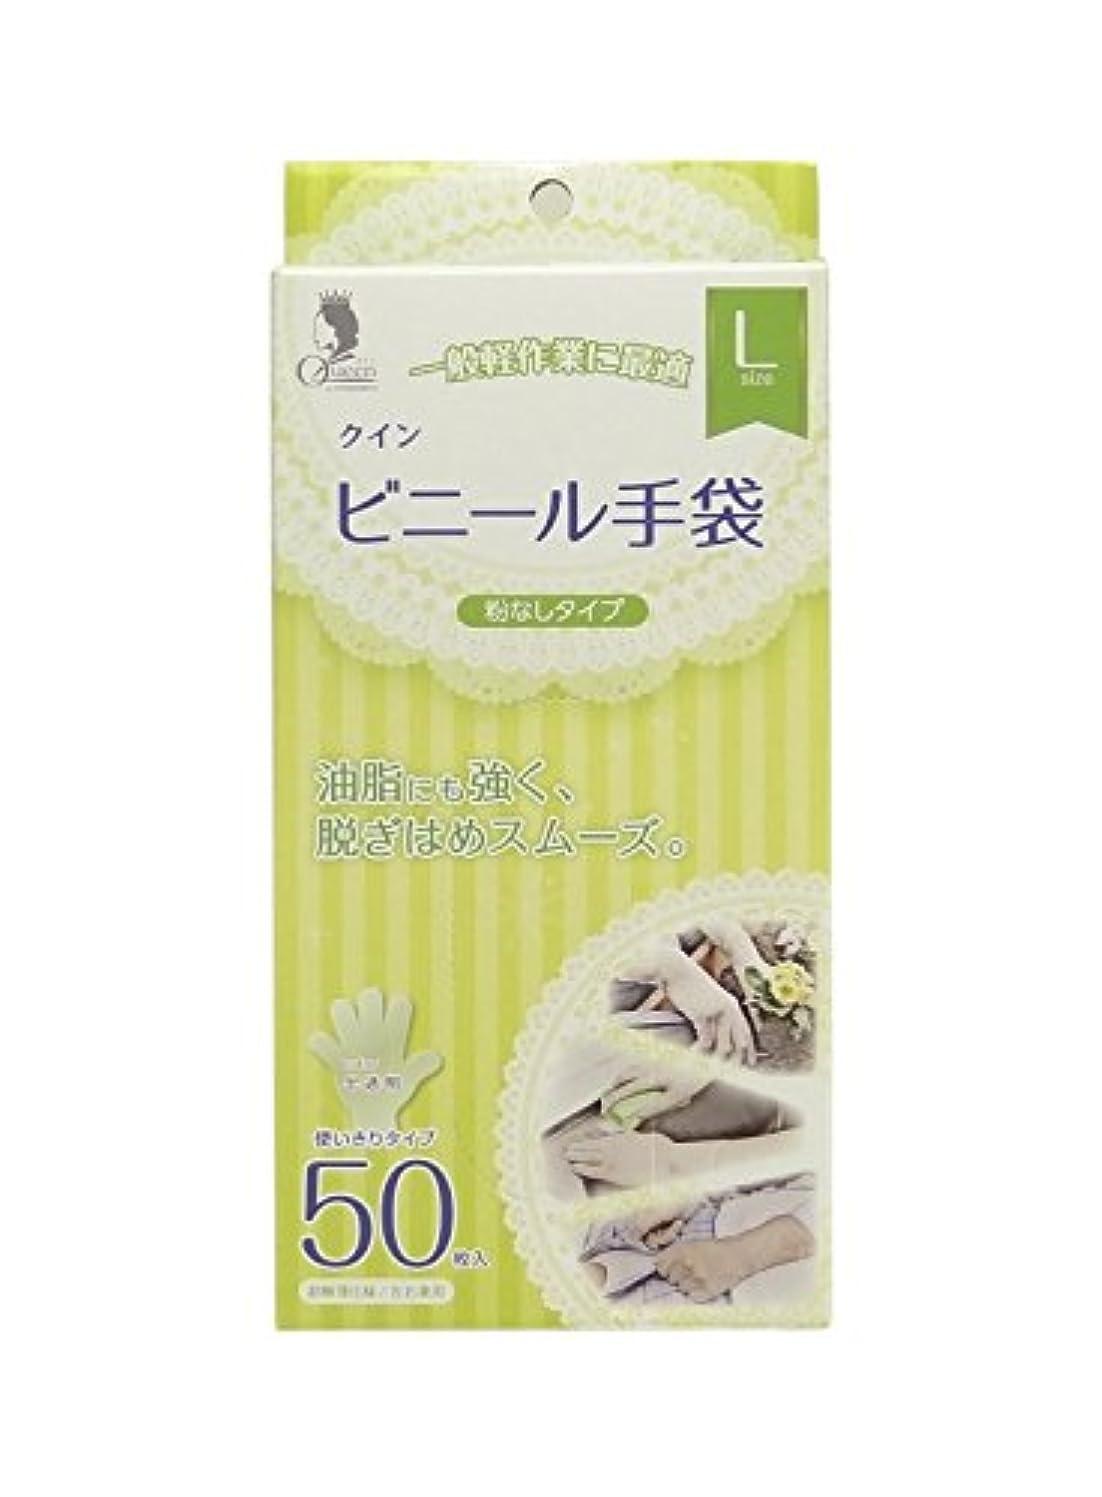 回転する白鳥あなたが良くなります宇都宮製作 クイン ビニール手袋(パウダーフリー) L 50枚